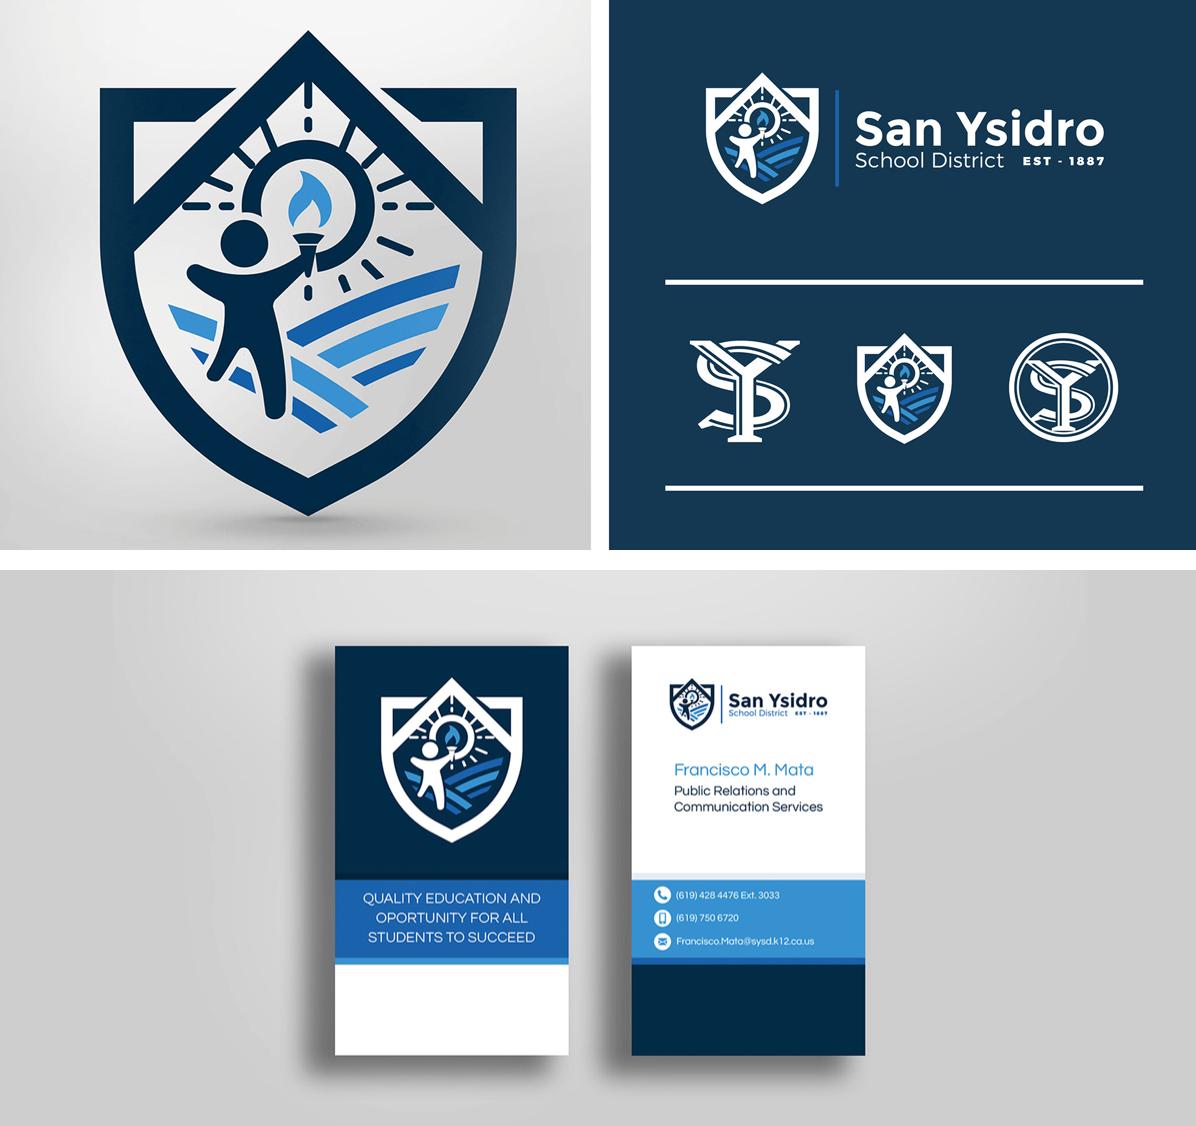 Jose luquin   brand designer   ux designer   ui designer   san diego   tijuana   sysdschools org 4